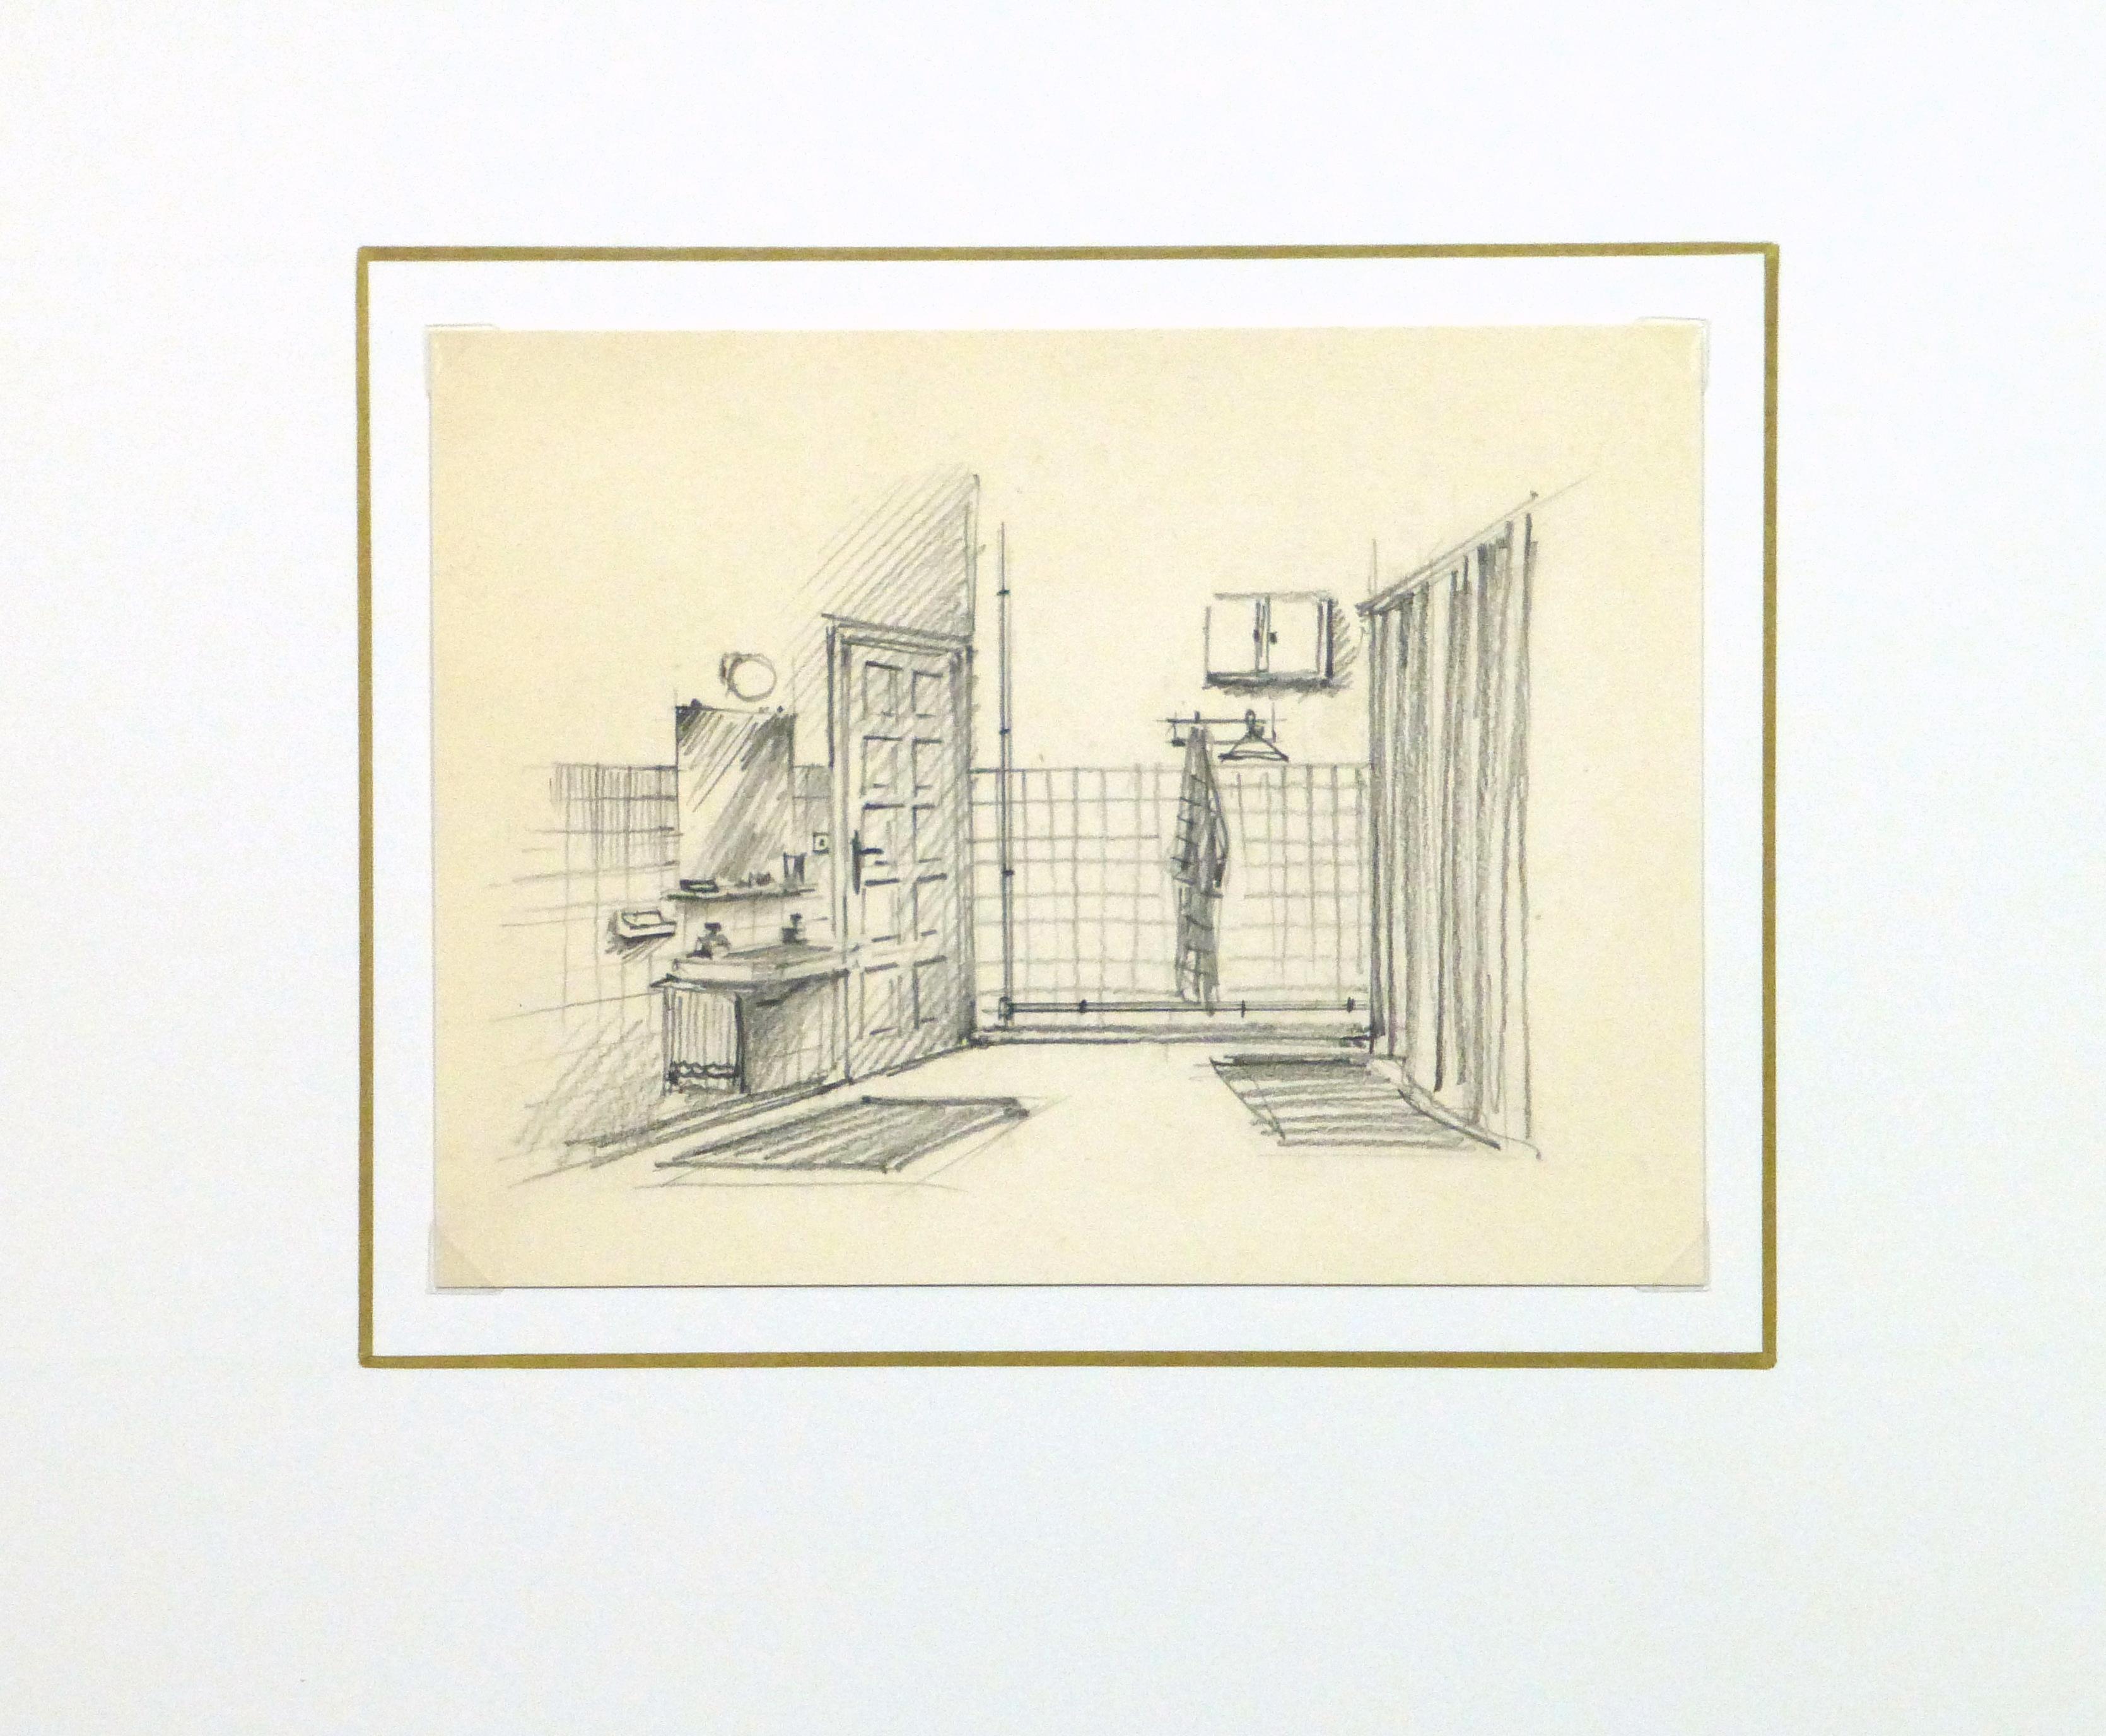 Pencil drawing bathroom interior circa 1950 for Bathroom interior design drawing